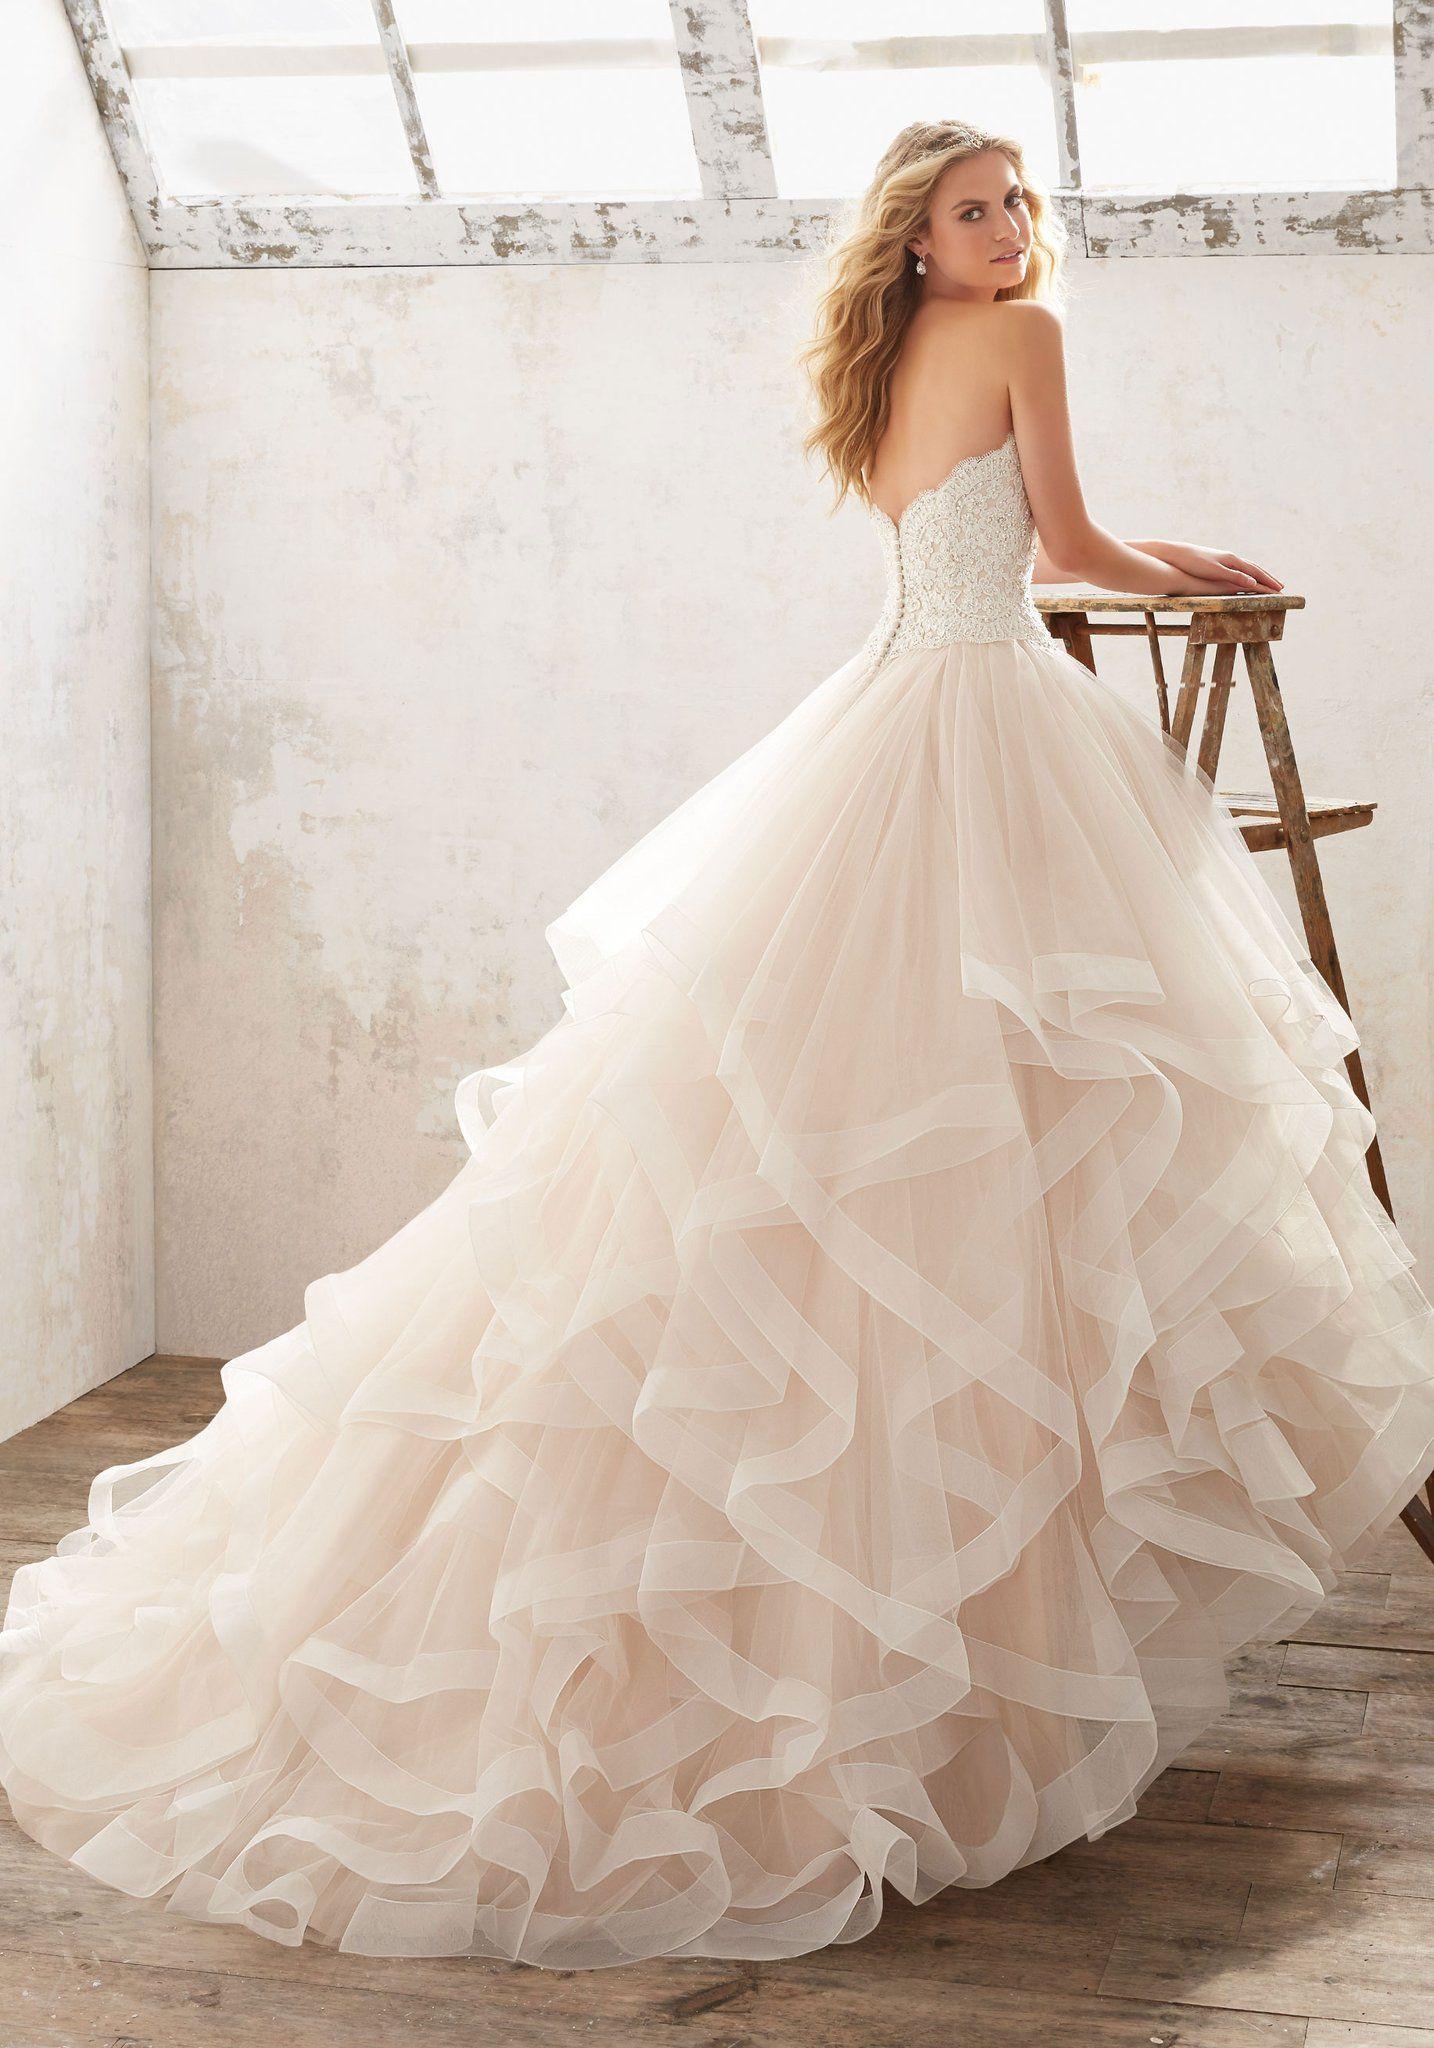 Modell Marcia von Morilee HochzeitsPlaza